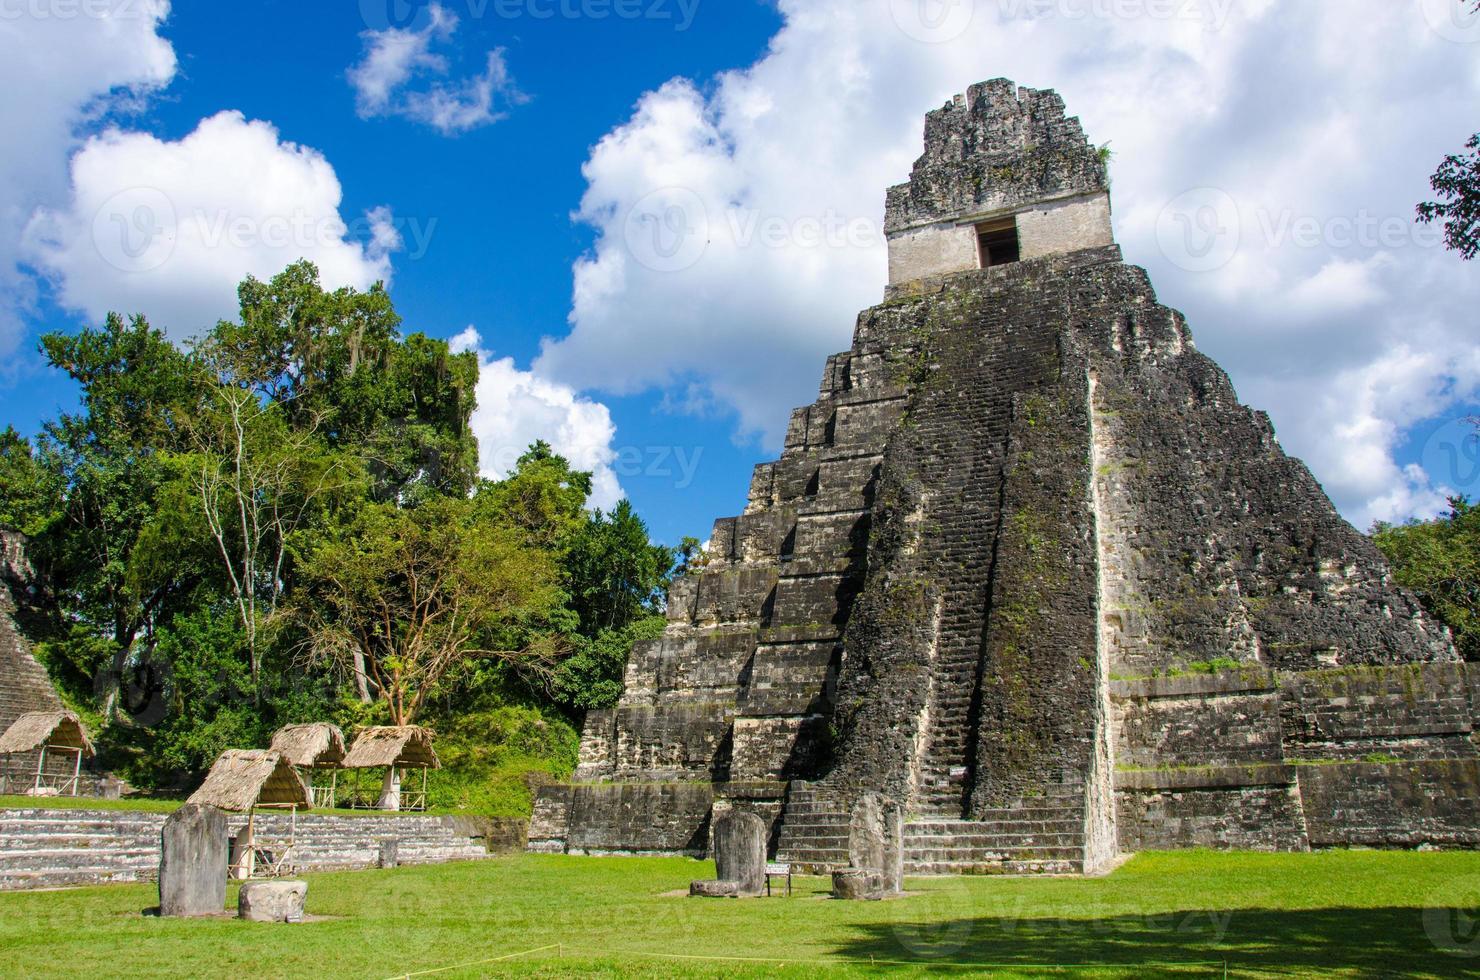 tikal ruiner och pyramider foto